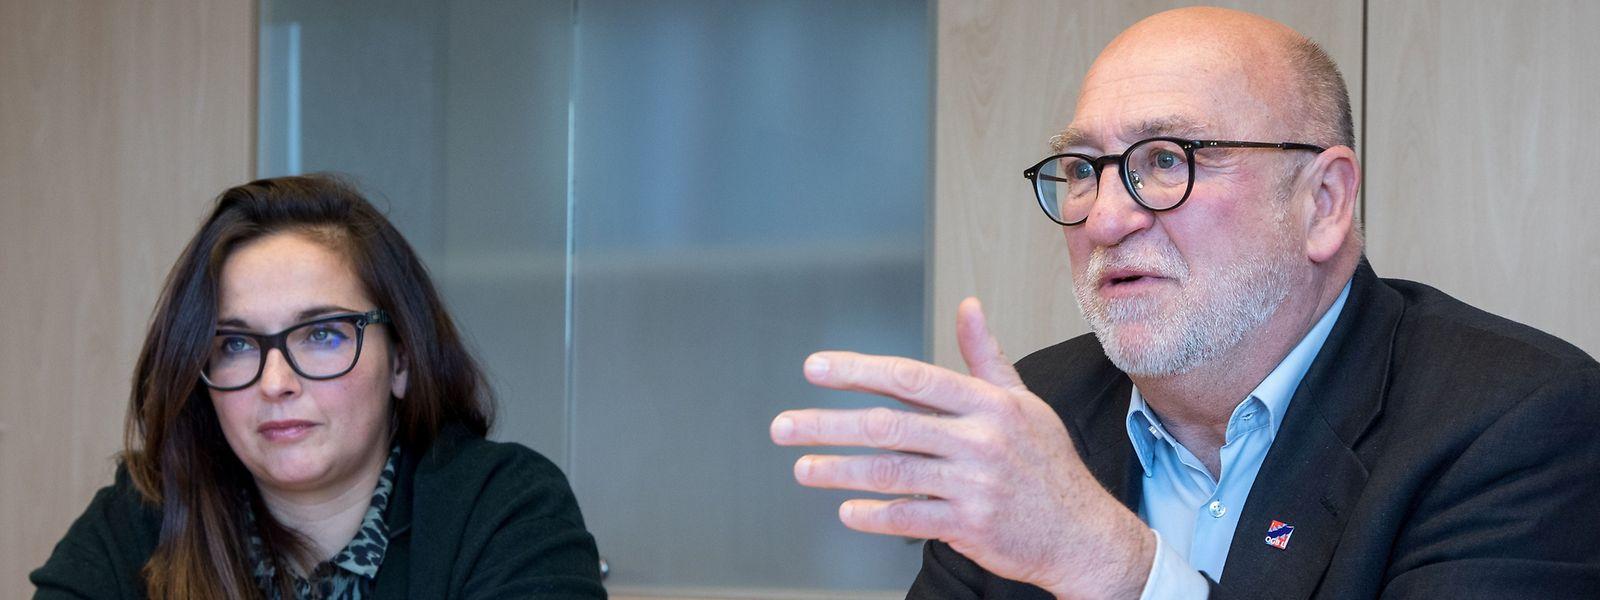 Der OGBL wappnet sich für die Veränderungen in der Berufswelt, sagen André Roeltgen und Nora Back.